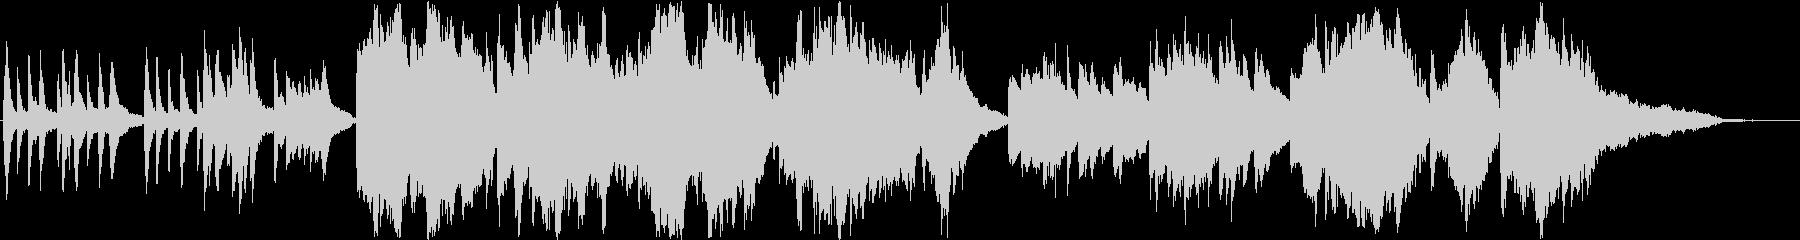 ピアノとチェロの悲しく切ないバラードの未再生の波形